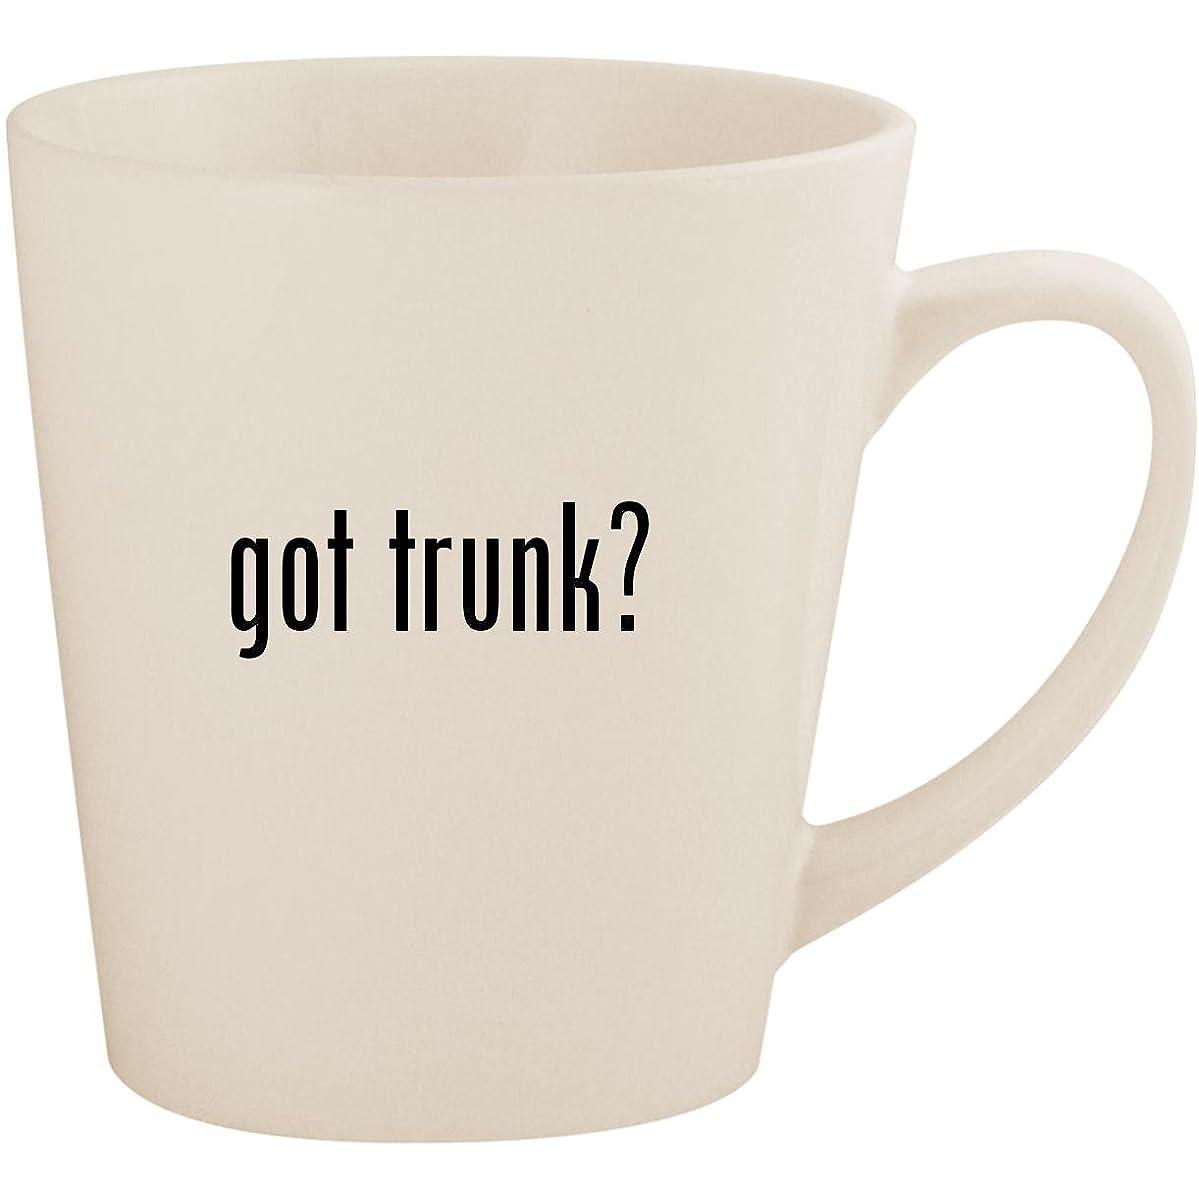 got trunk? - White 12oz Ceramic Latte Mug Cup